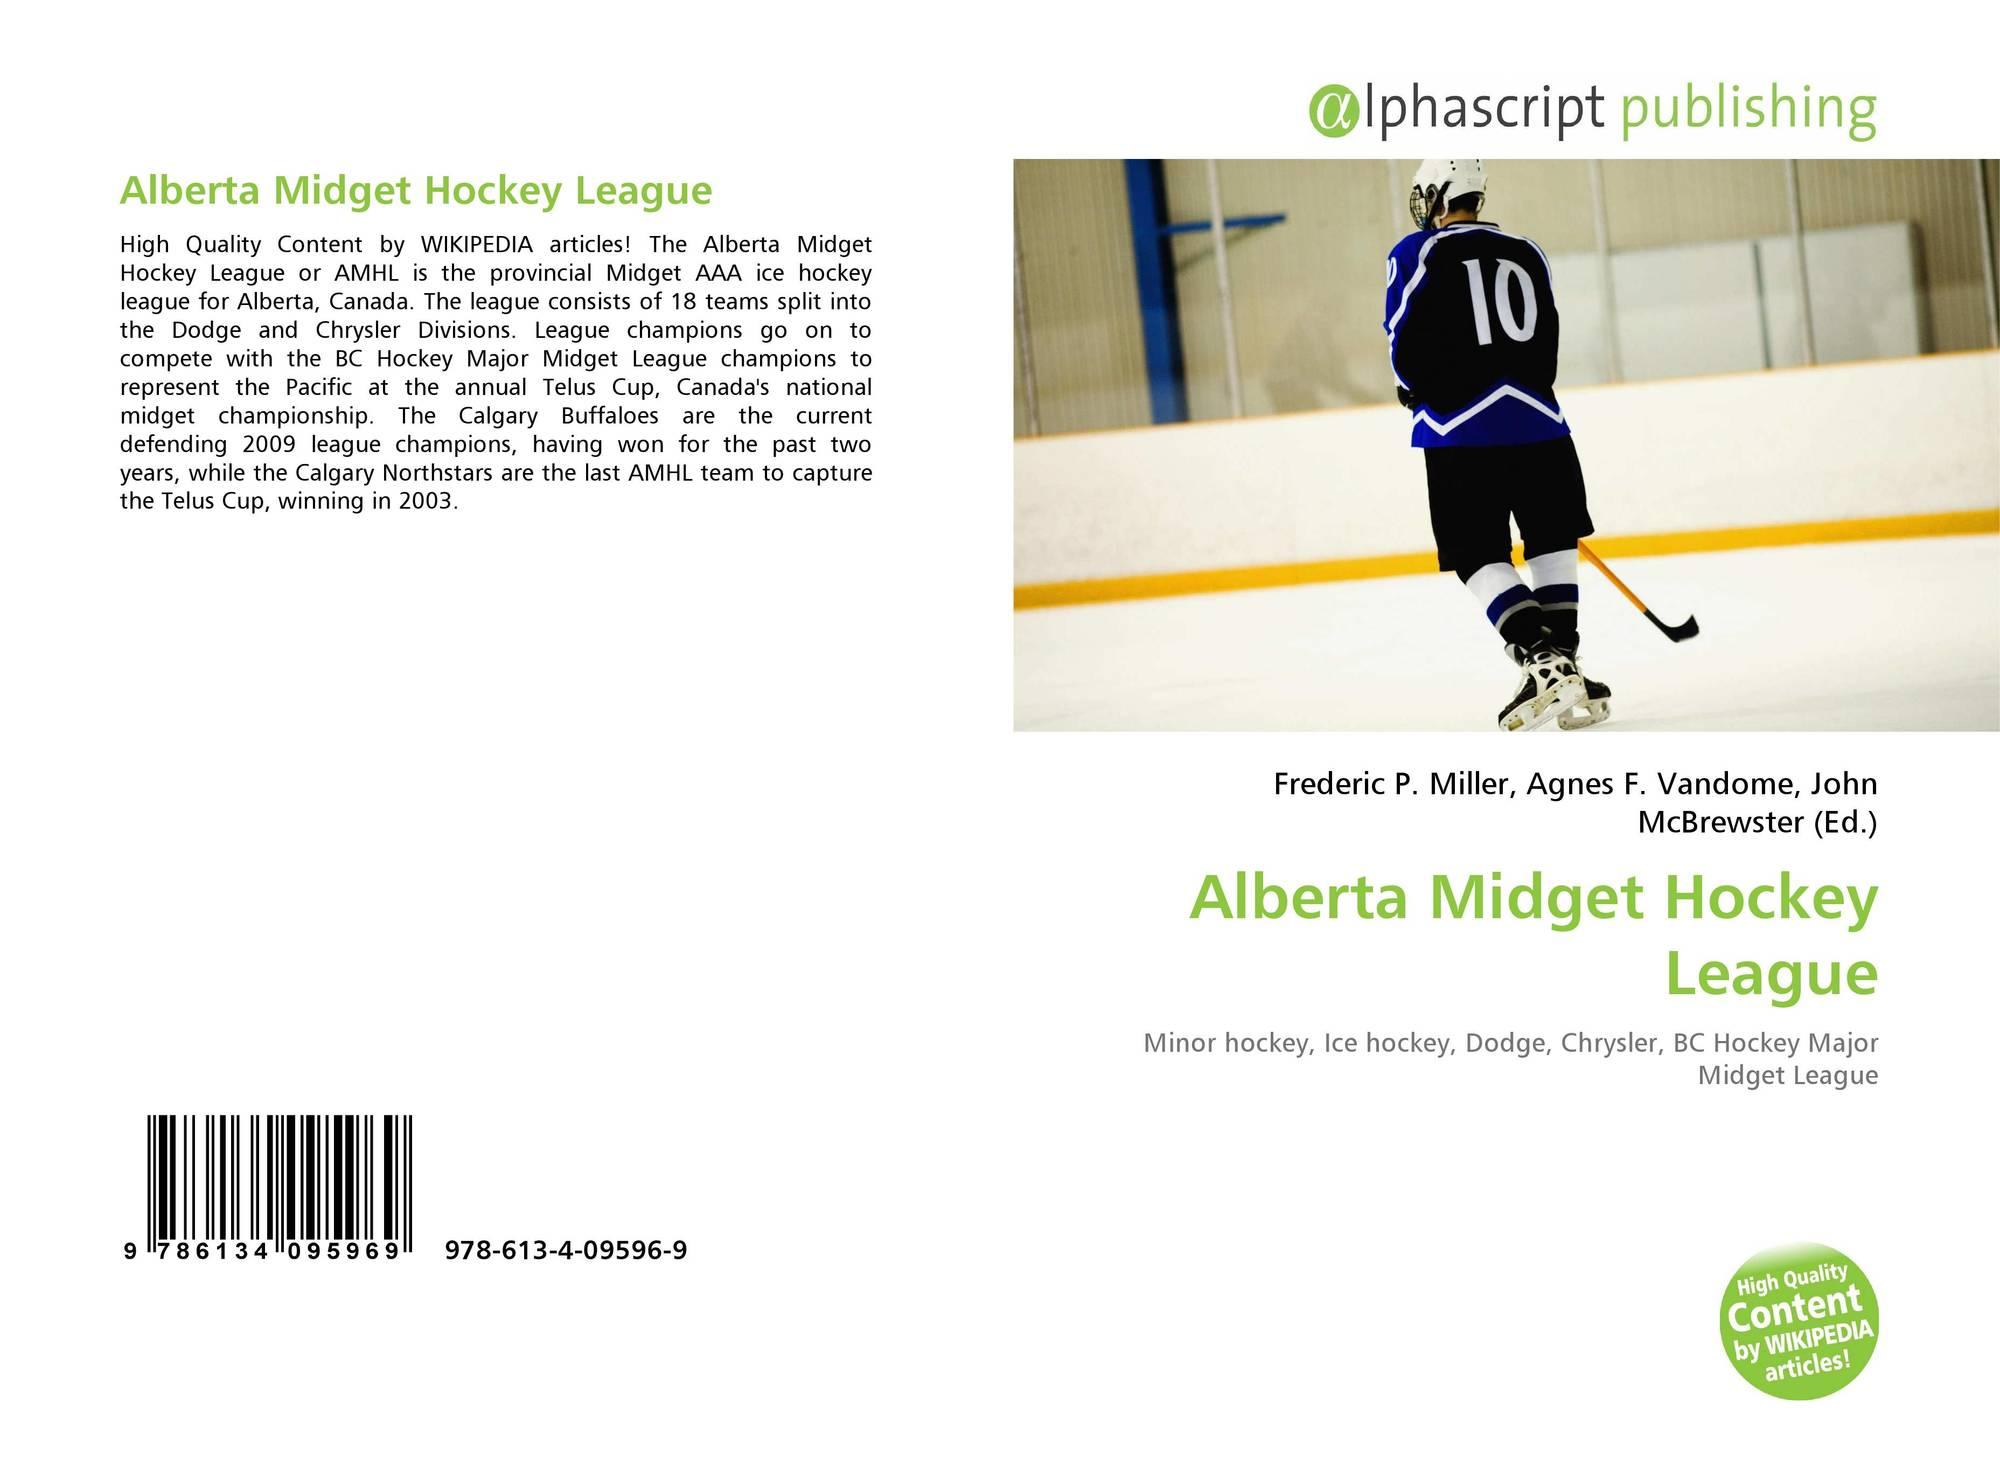 Alberta major midget hockey